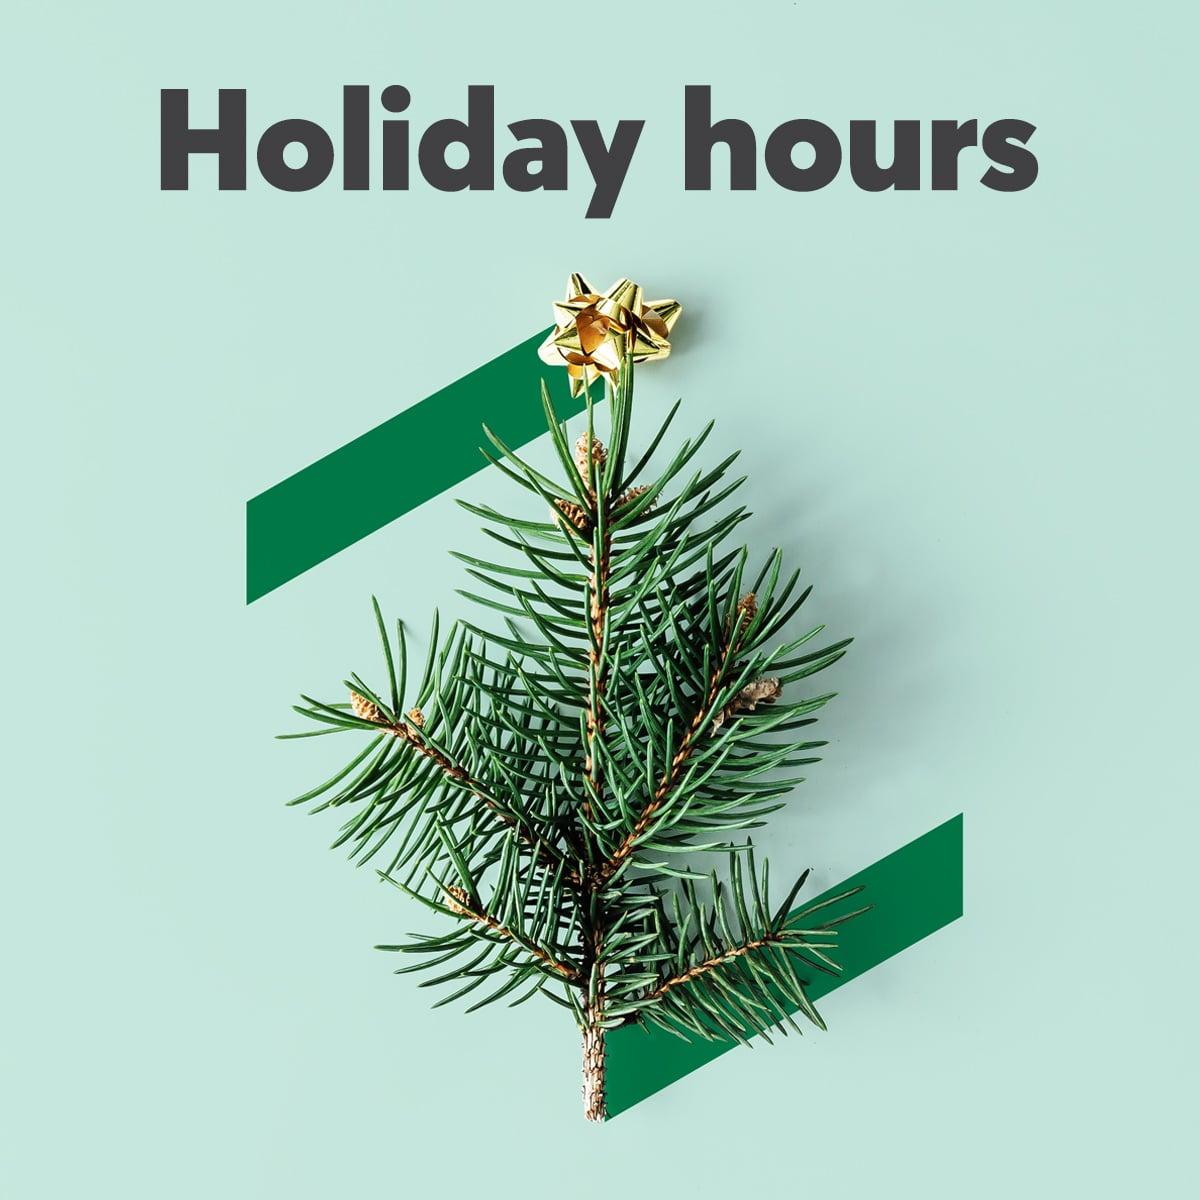 Holiday hours - Lịch nghỉ lễ Tết năm 2019